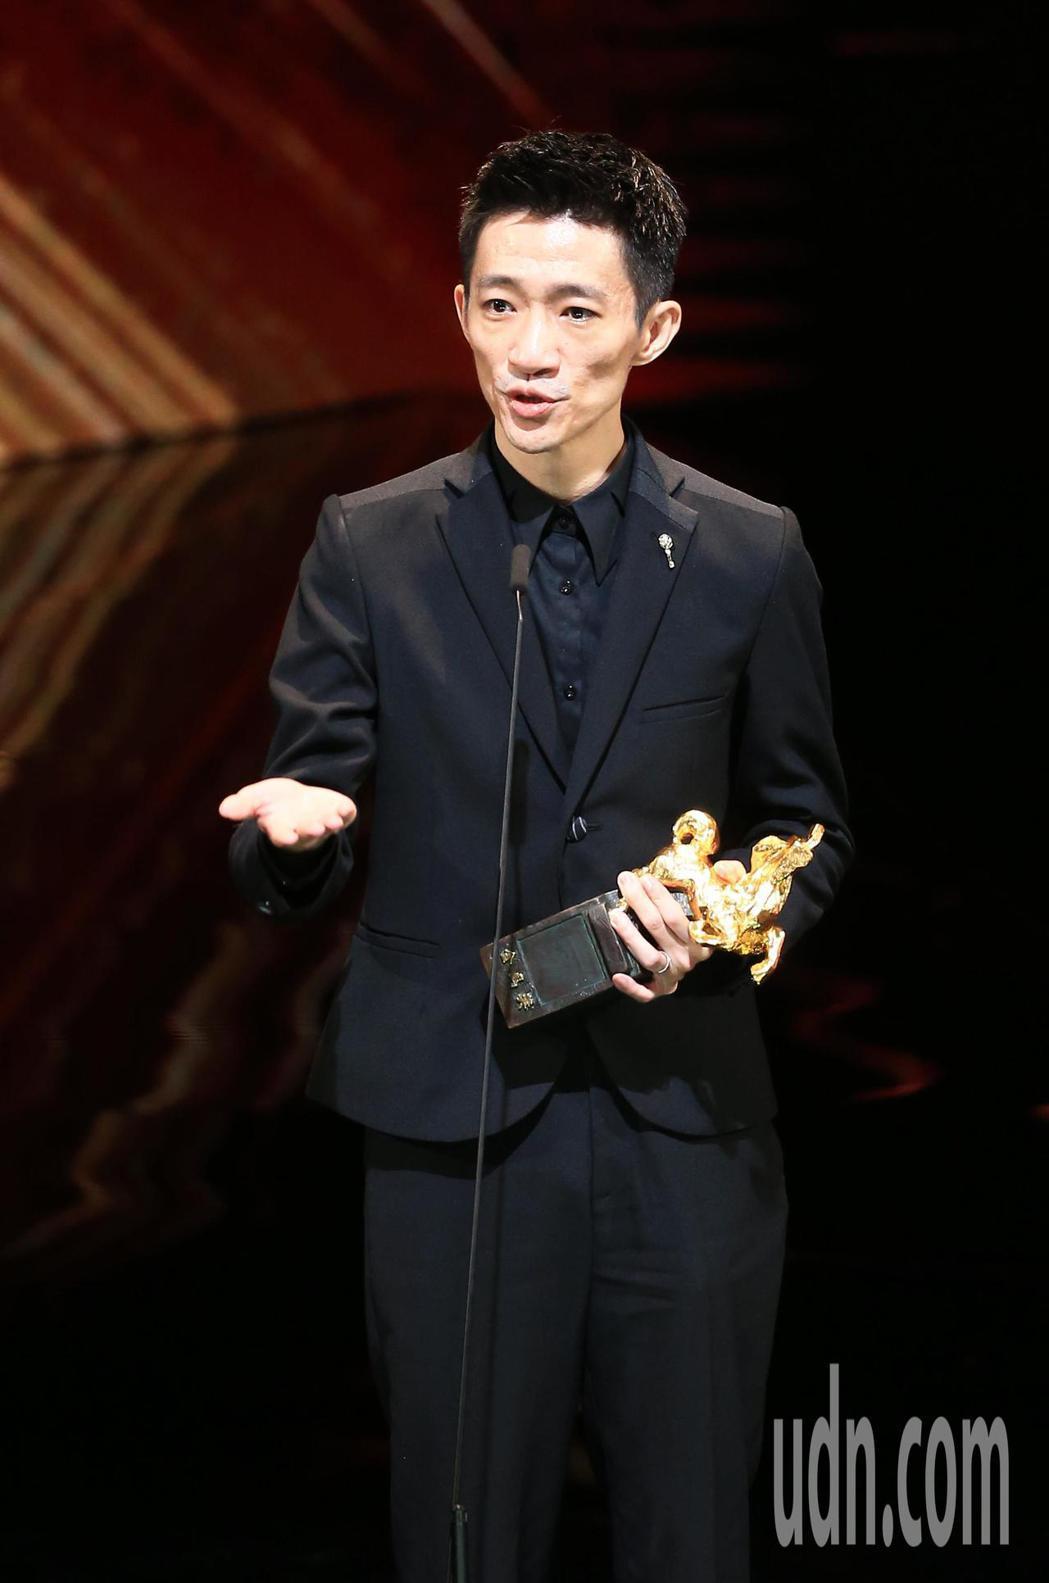 第56屆金馬獎頒獎典禮,「返校」徐漢強獲得最佳新導演。記者林伯東/攝影